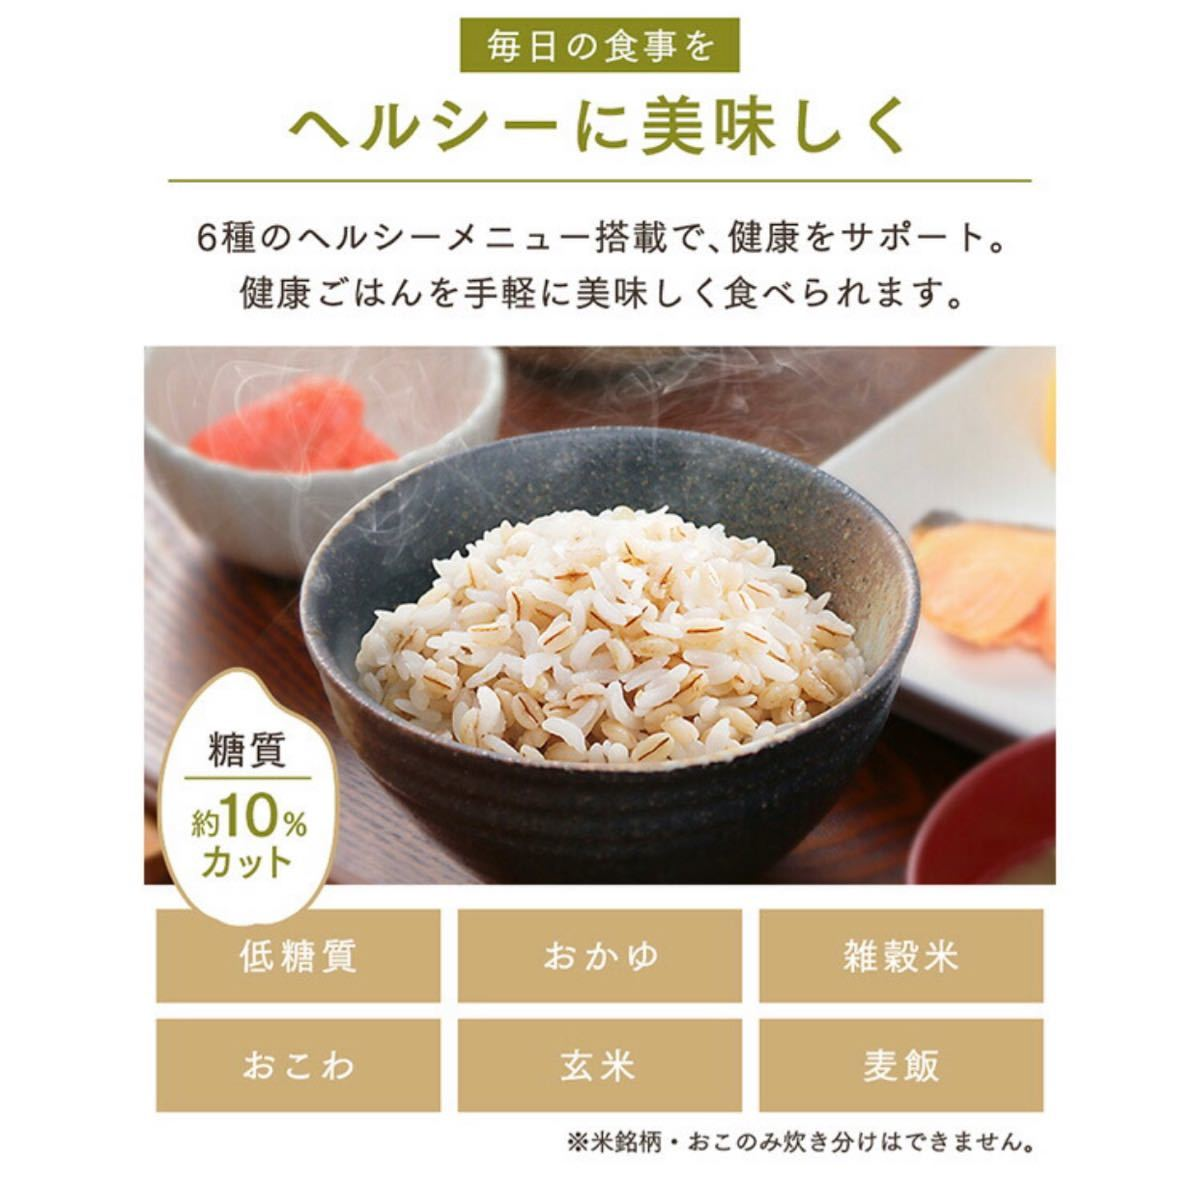 新品未開封 NEW リュニーアルモデル炊飯器 5.5合 アイリスオーヤマ 銘柄炊き ジャー炊飯器 RC-ME50 ブラック